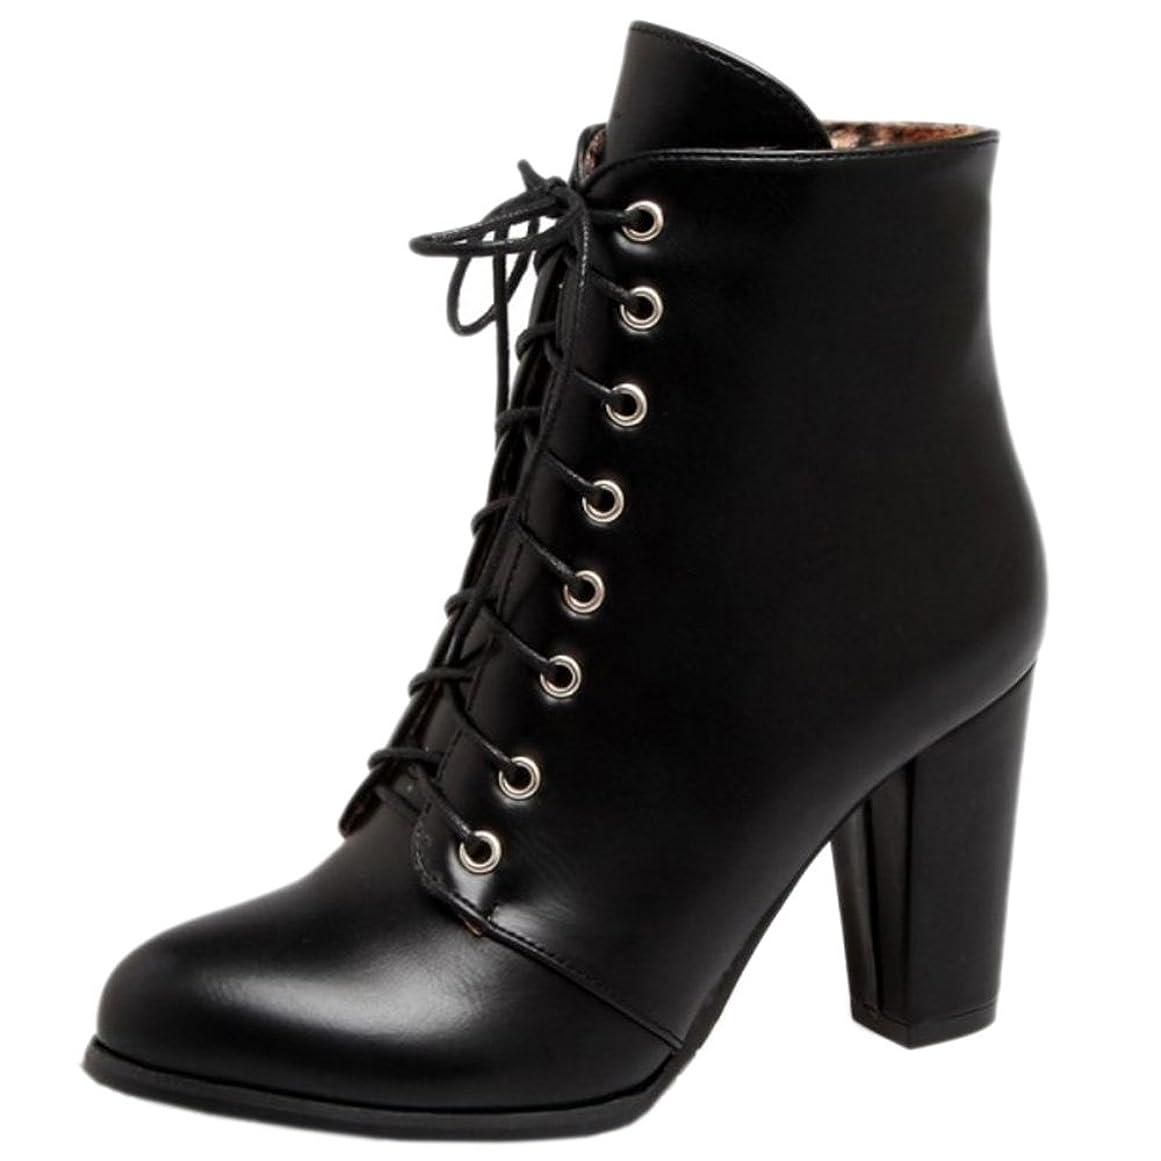 彼女自身流体駐地[タオフェン] レディース ファッション ショート ブーツ サイドジップ ハイヒール オフィス ブーツ